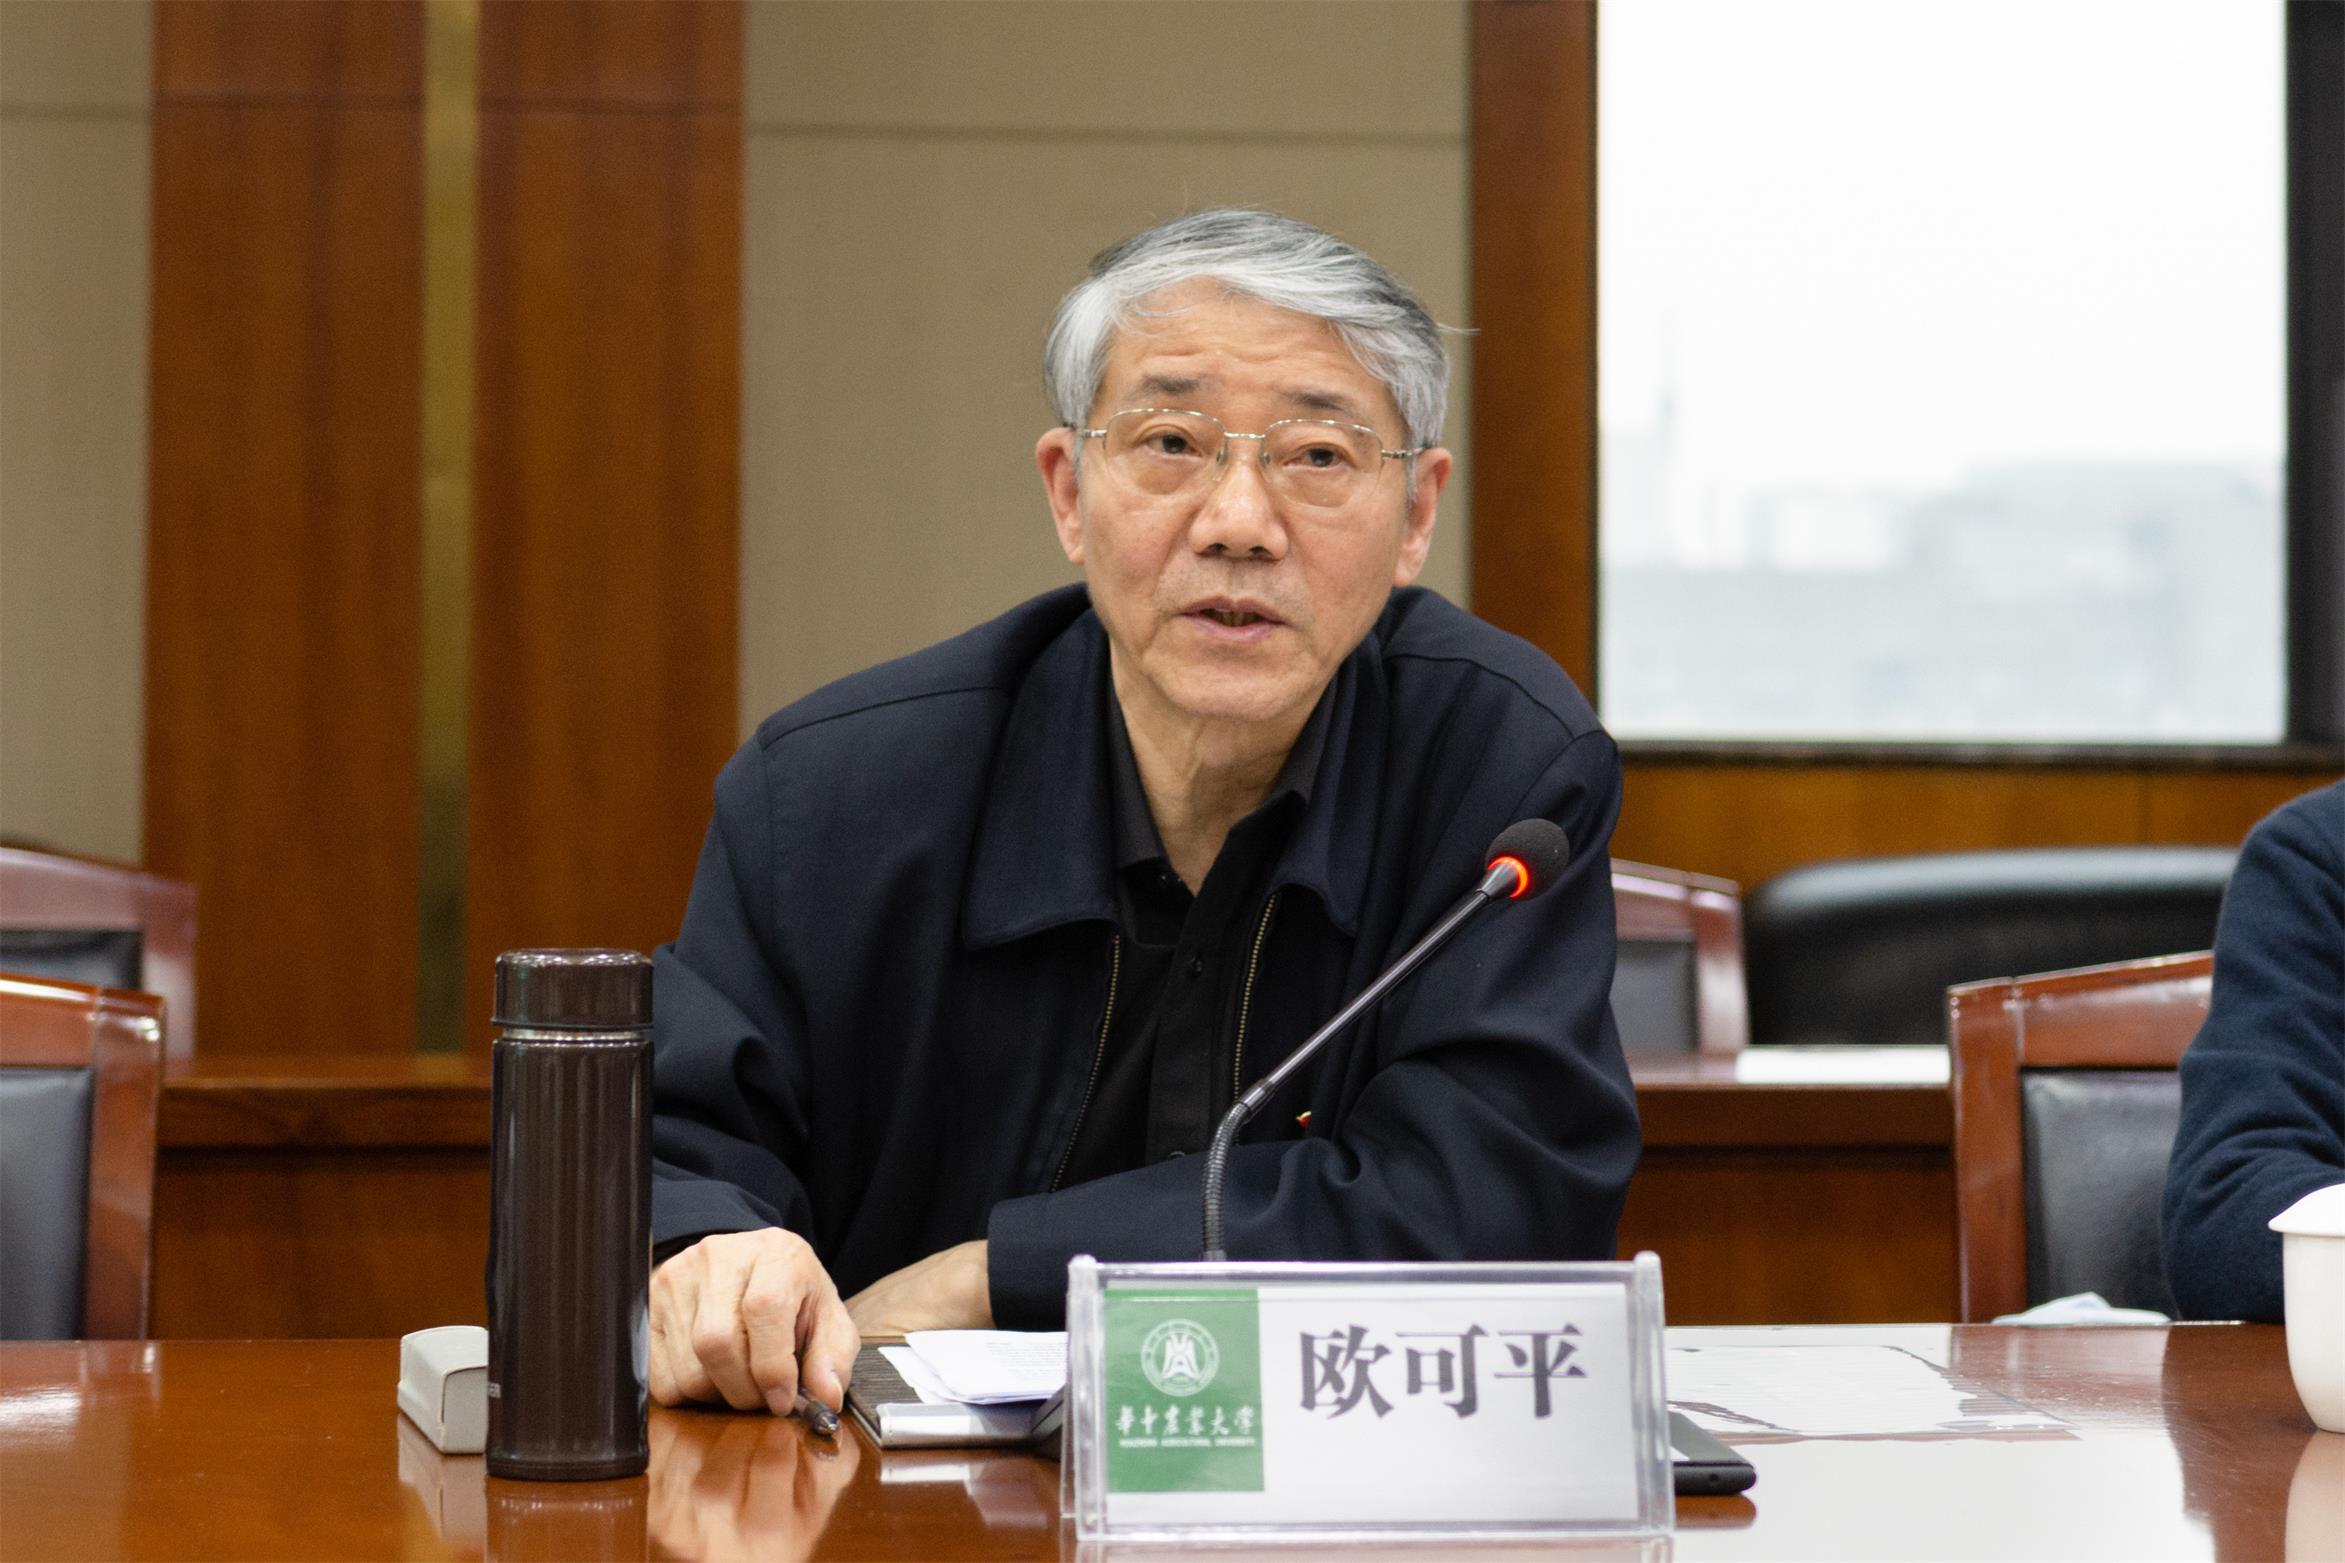 教育部党史学习教育第十巡回指导组组长欧可平反馈指导意见(记者 彭雨格 摄)